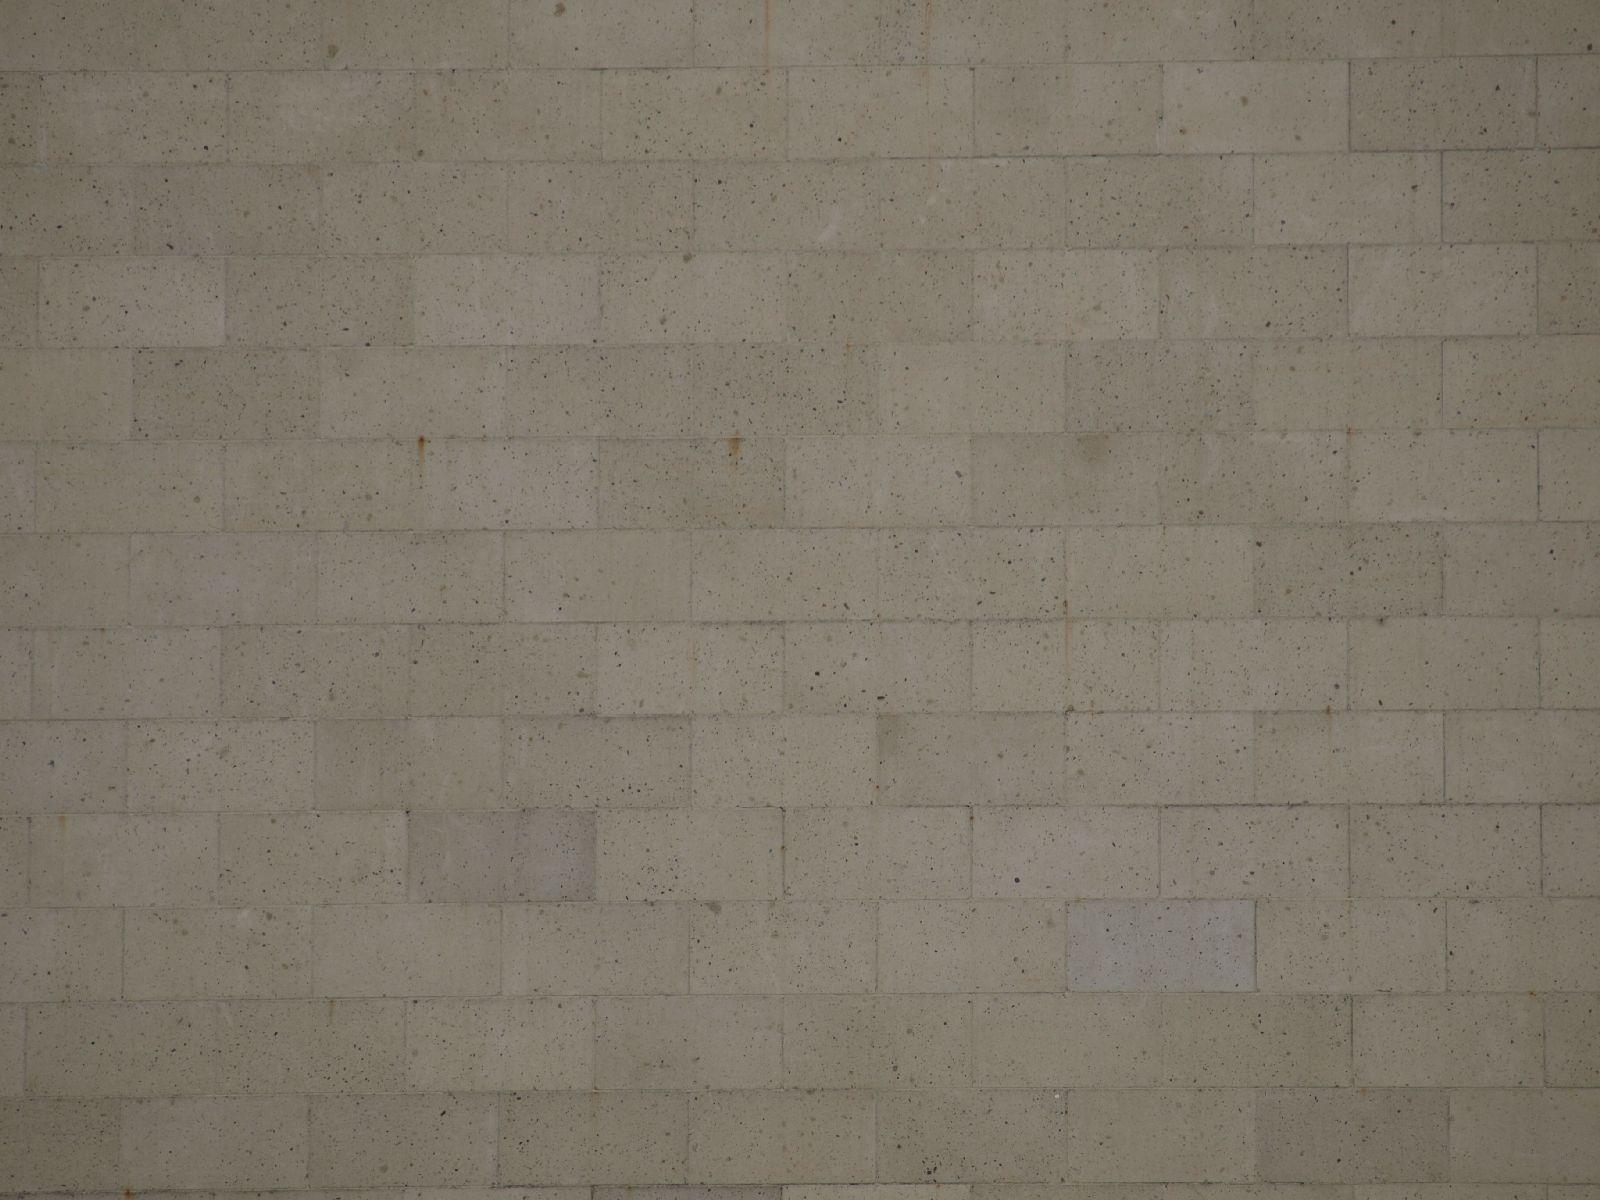 Wand-Steinbloecke-Quader_Textur_A_P6218247